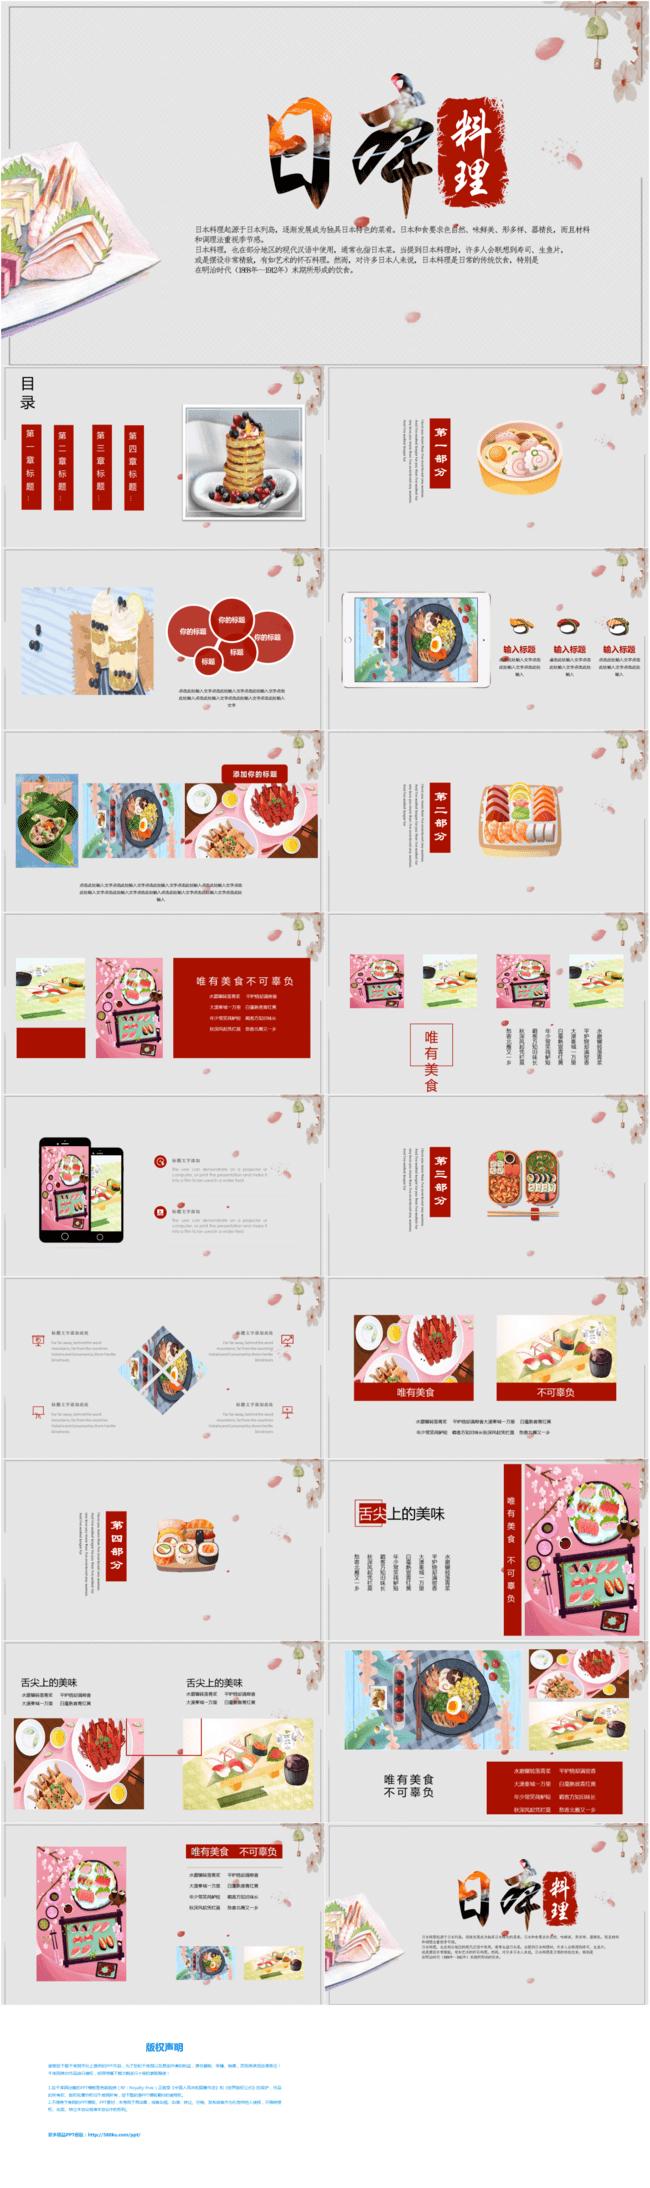 Masakan Jepang Template Ppt Budaya Makanan Khusus Jepang Gambar Unduh Gratis Power Point 650092708 Format Gambar Pptx Lovepik Com